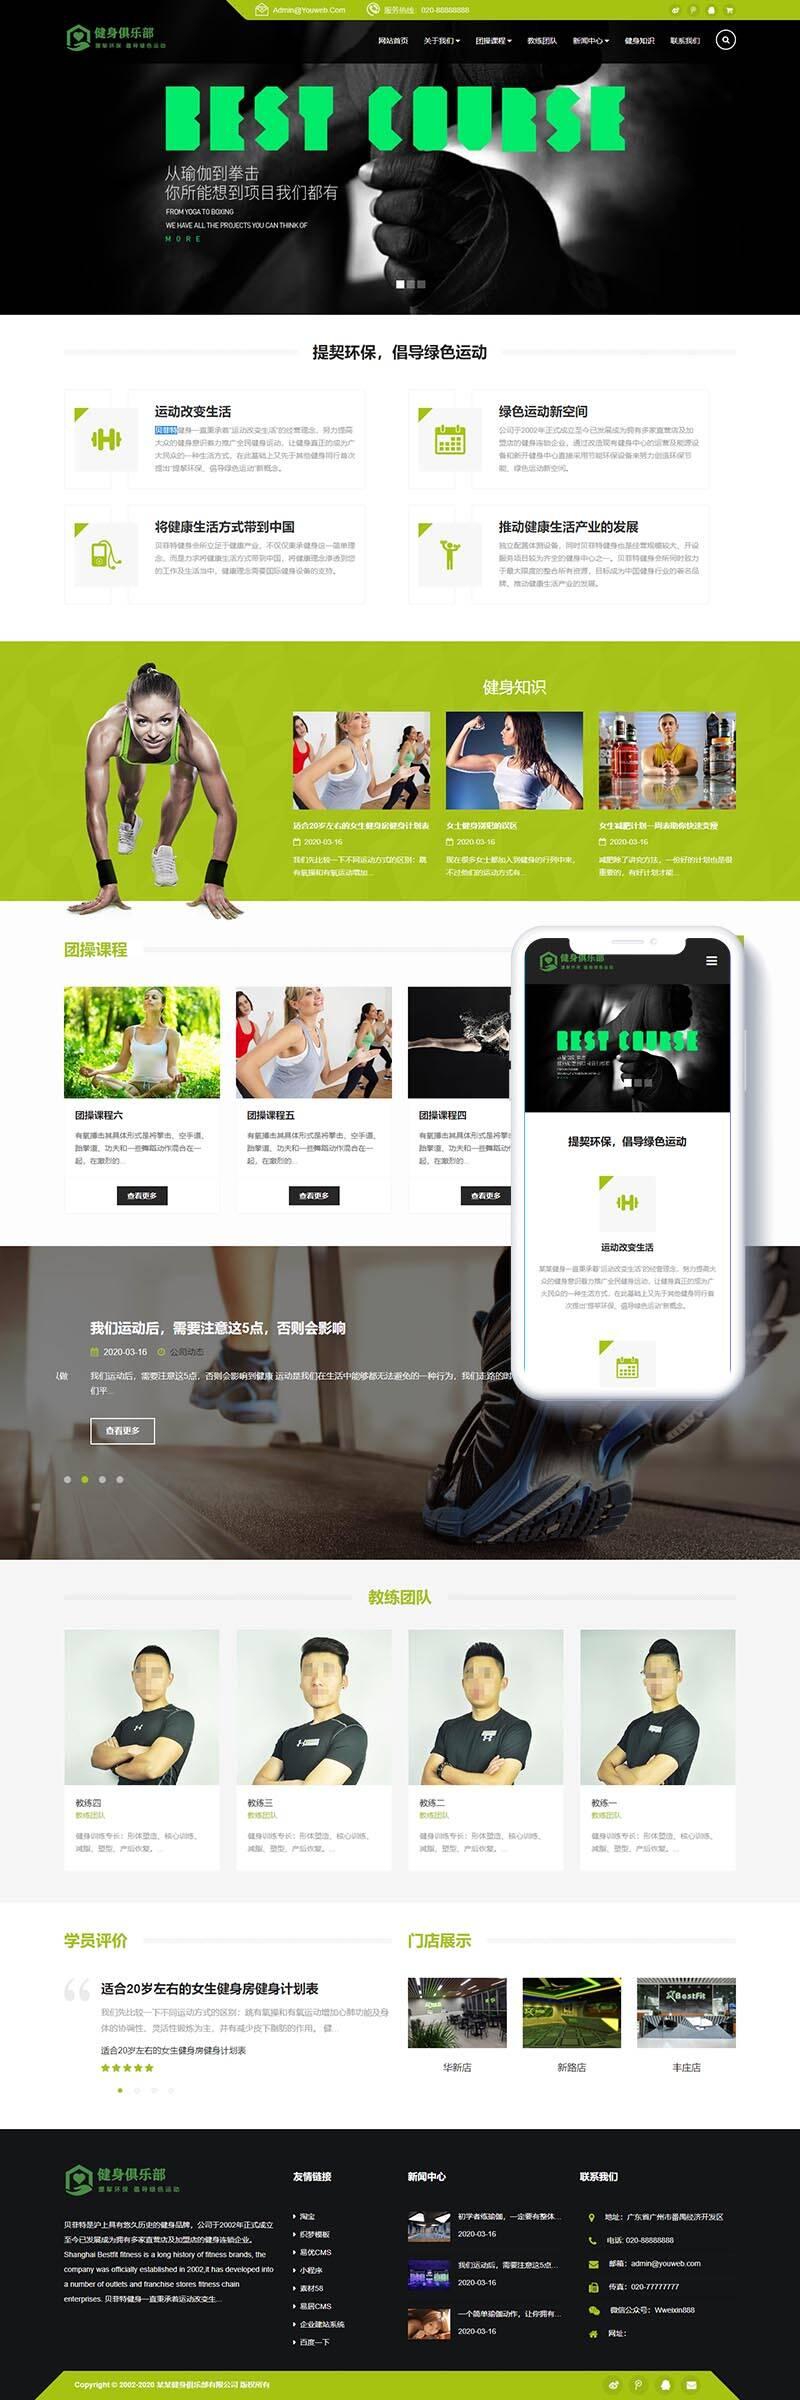 健身房企业网站